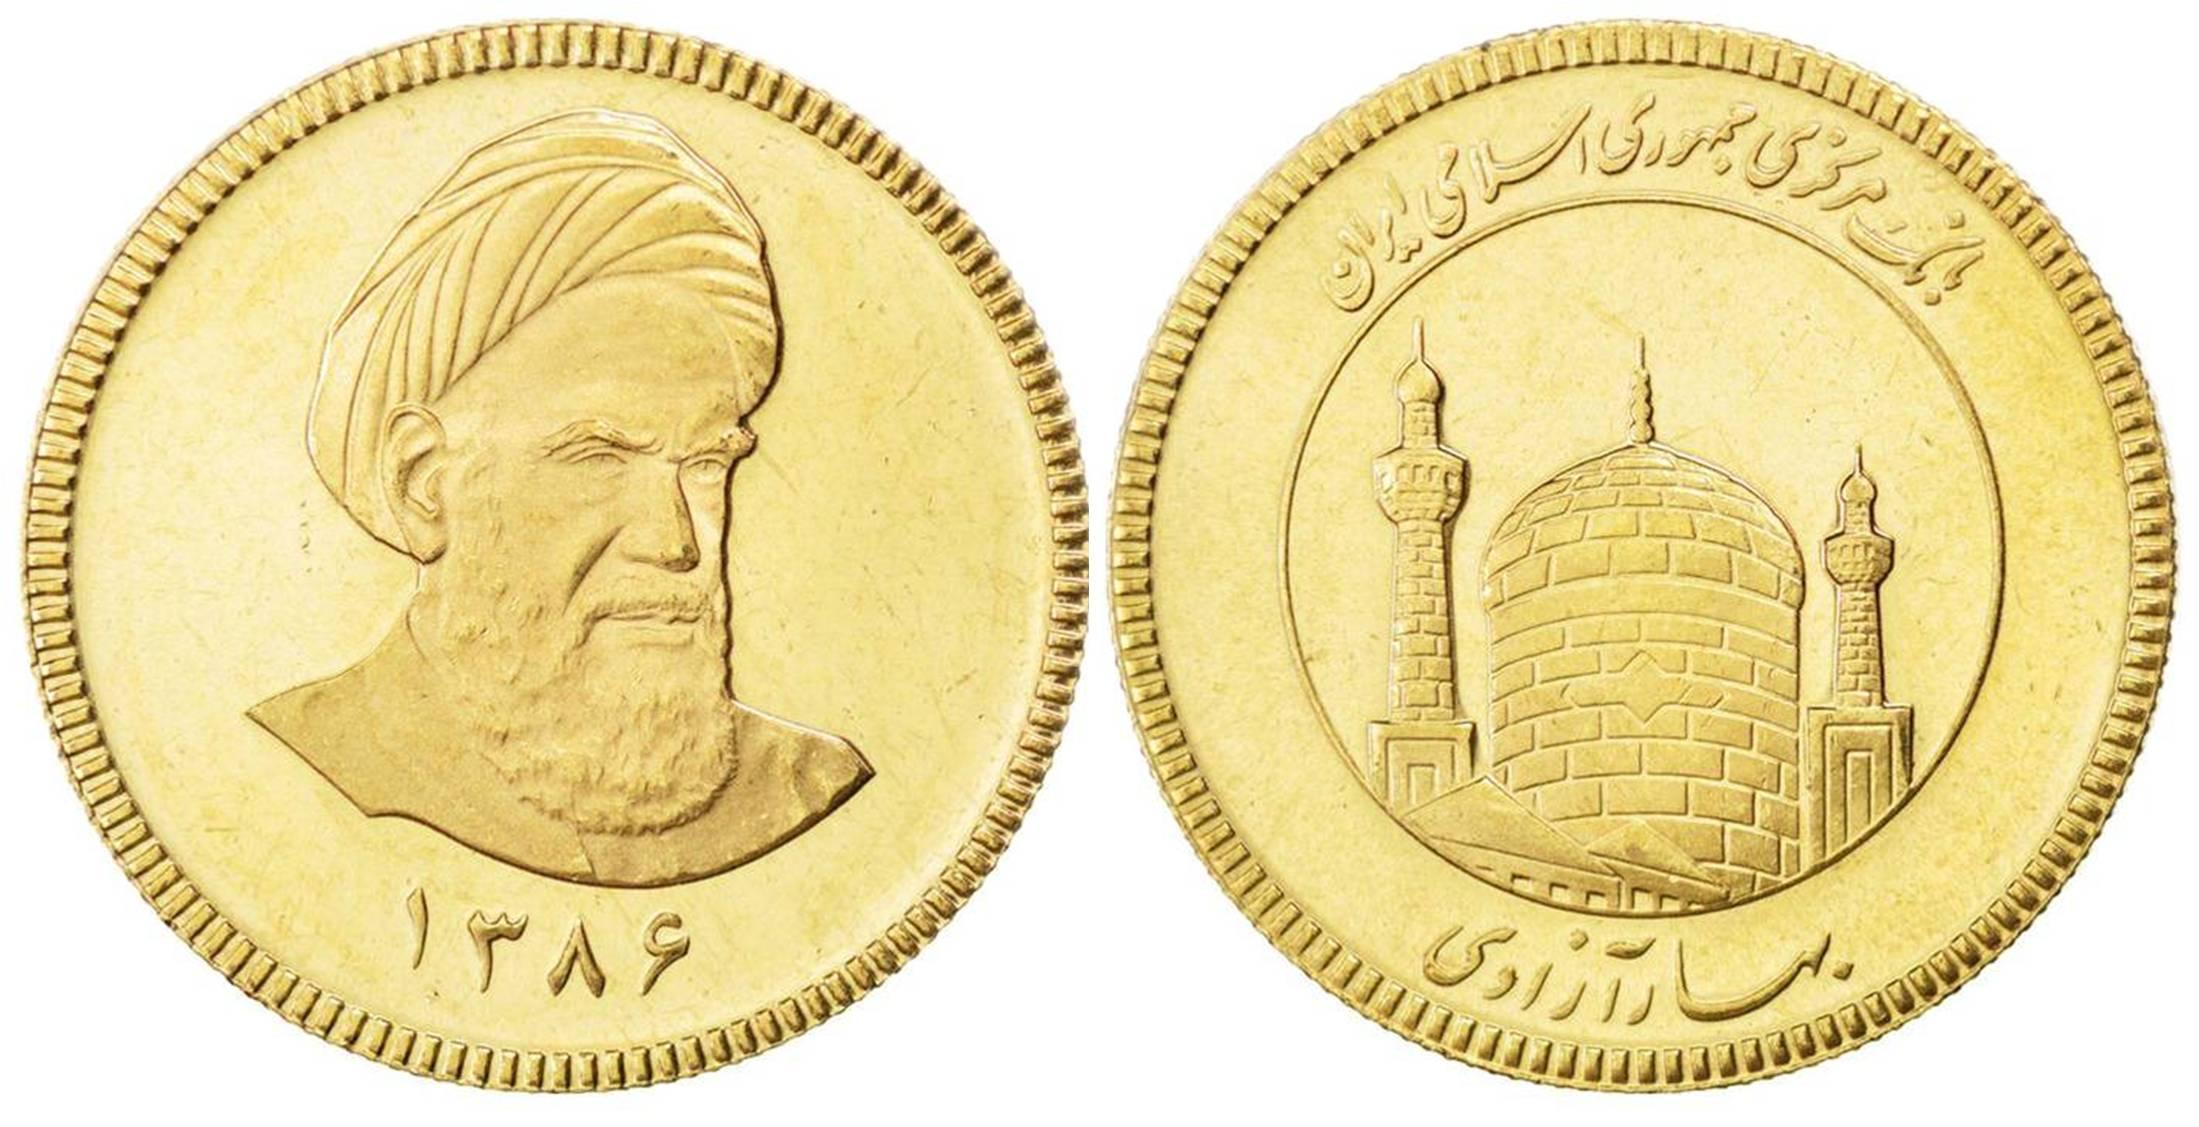 نرخ سکه و طلا در ۳۱ تیر ۹۸ / قیمت سکه ۴ میلیون و ۱۰۰ هزار تومان شد + جدول